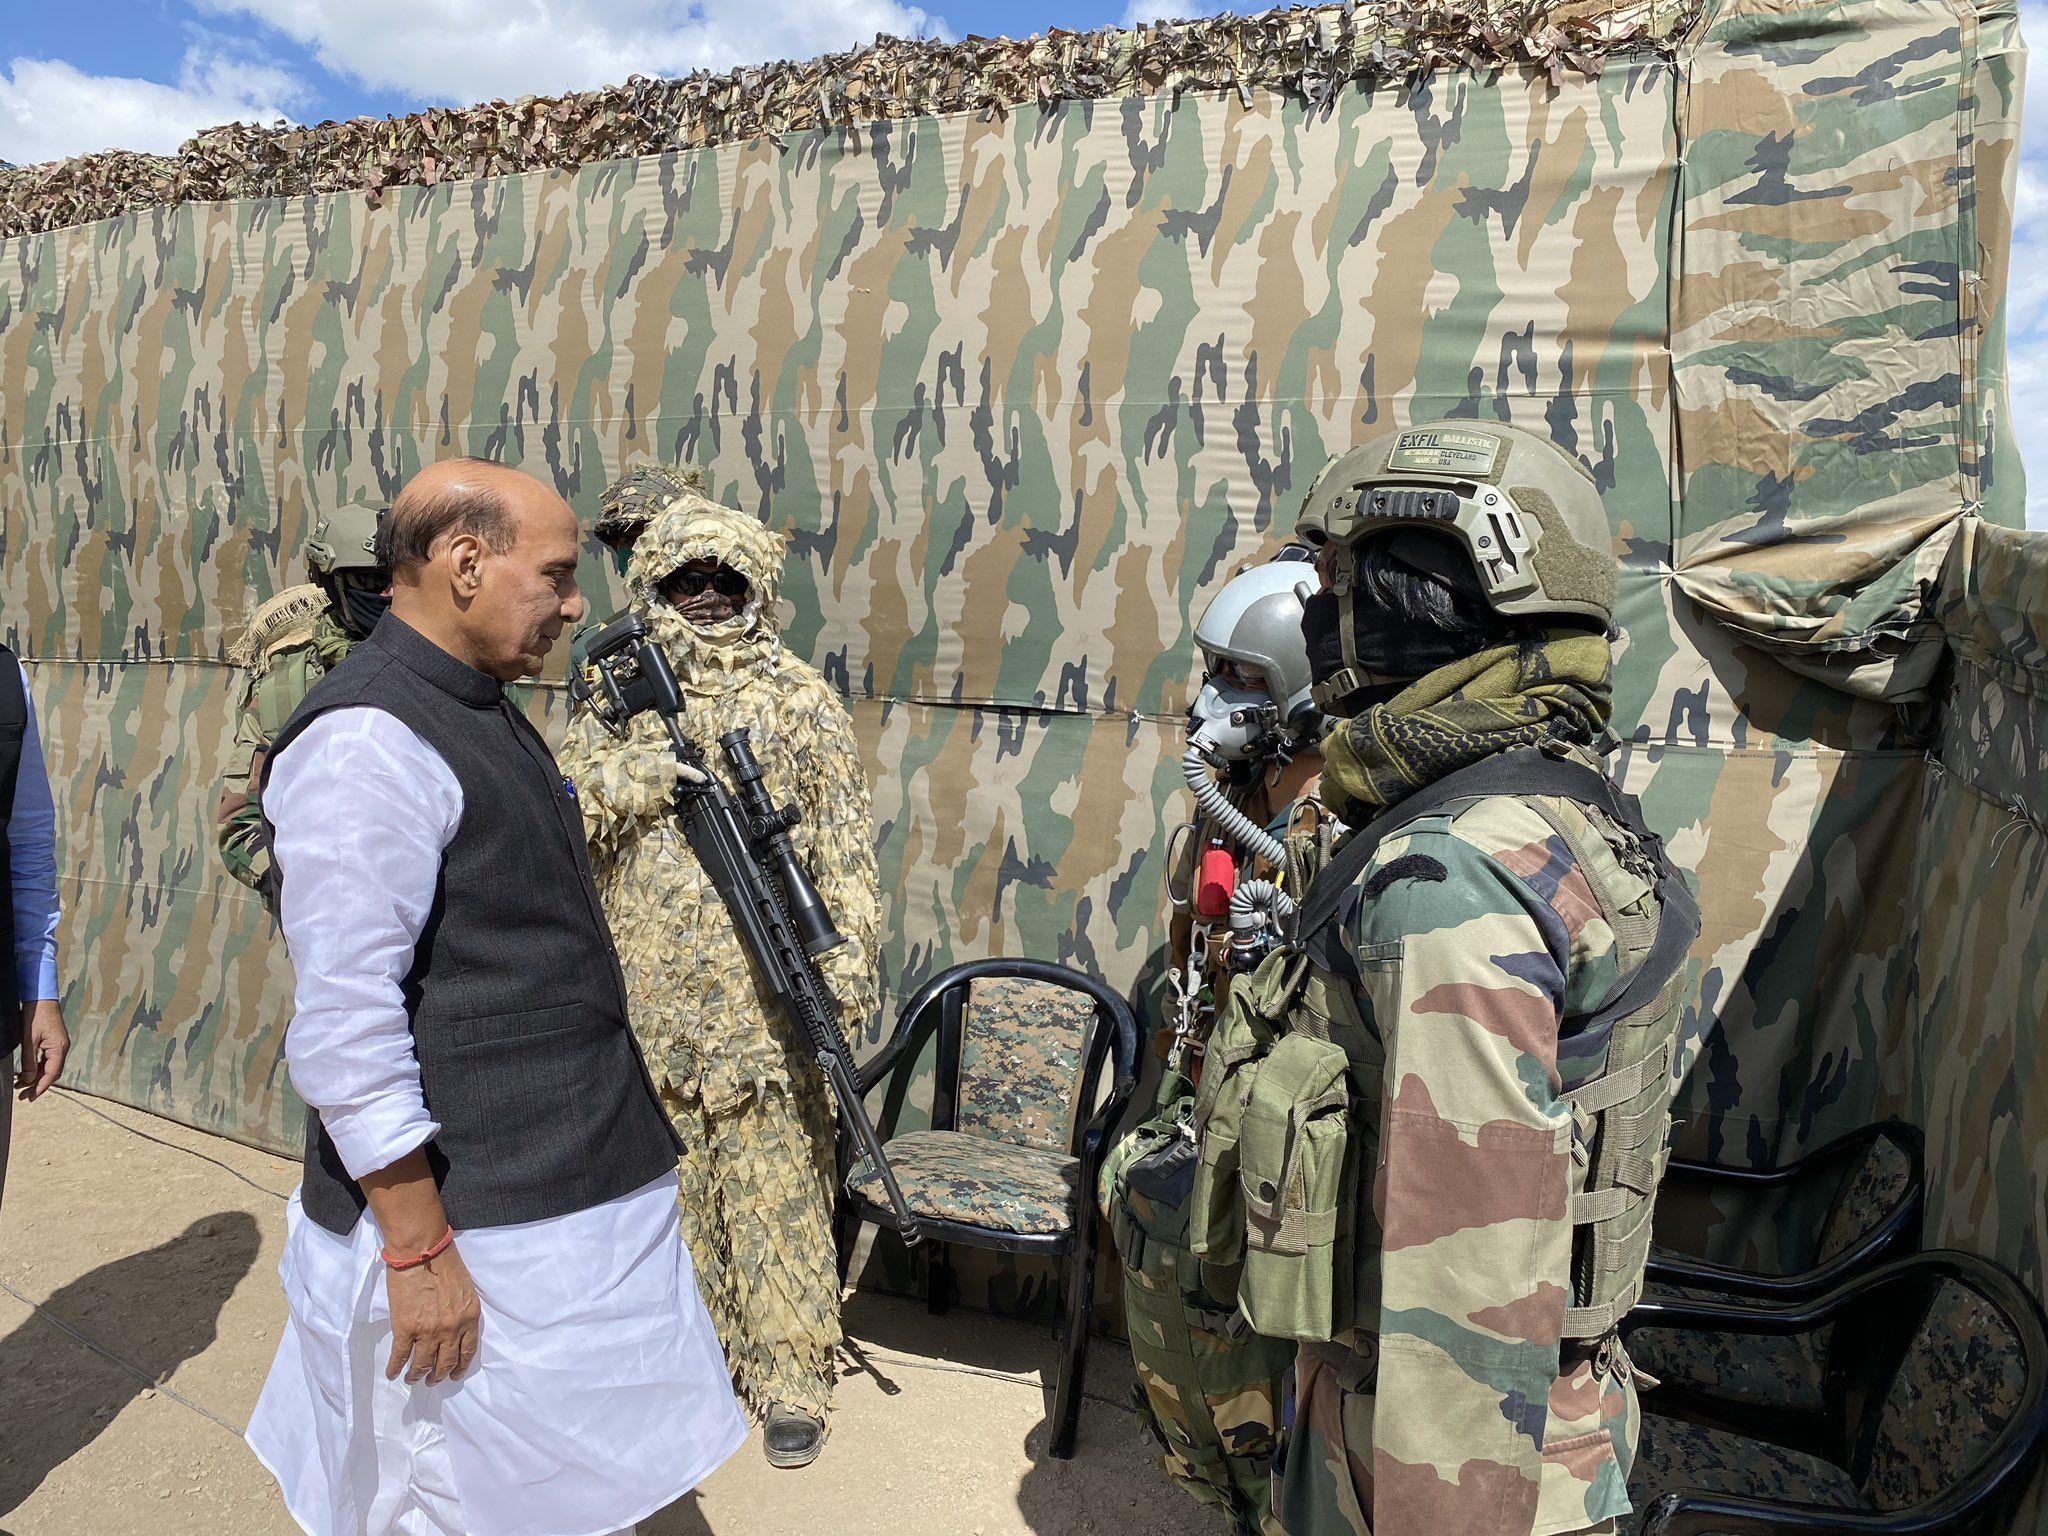 ভারতীয় সেনার জওয়ানদের সঙ্গে কথা বলছেন প্রতিরক্ষামন্ত্রী। (ছবি সৌজন্য টুইটার @rajnathsingh)